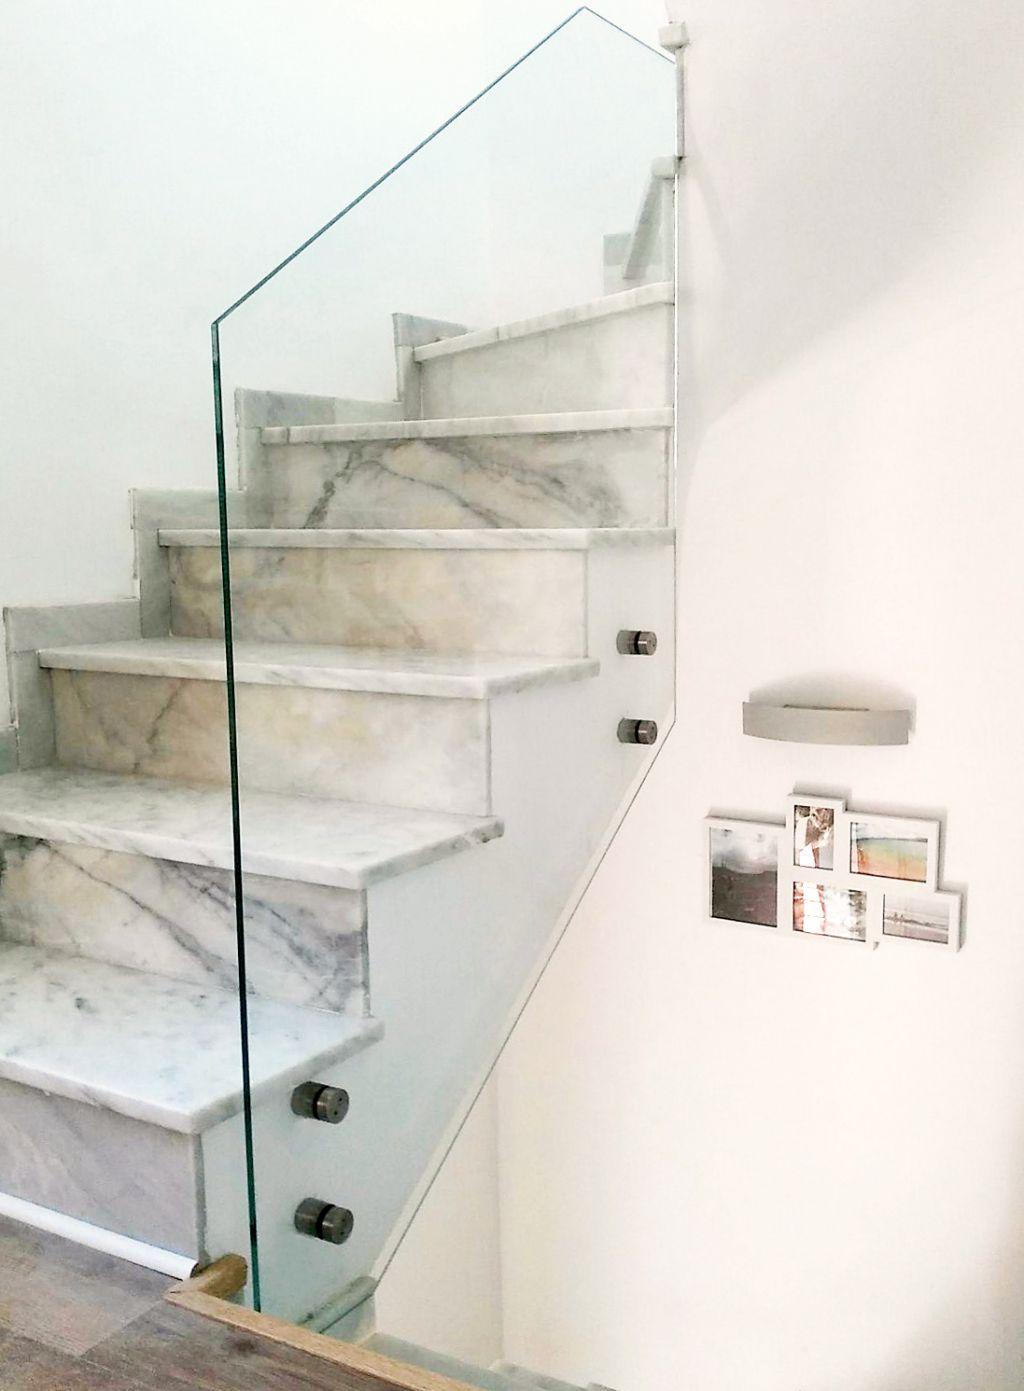 Barandillas De Cristal La Cristaleria De Barcelona ~ Barandillas De Cristal Para Escaleras Interiores